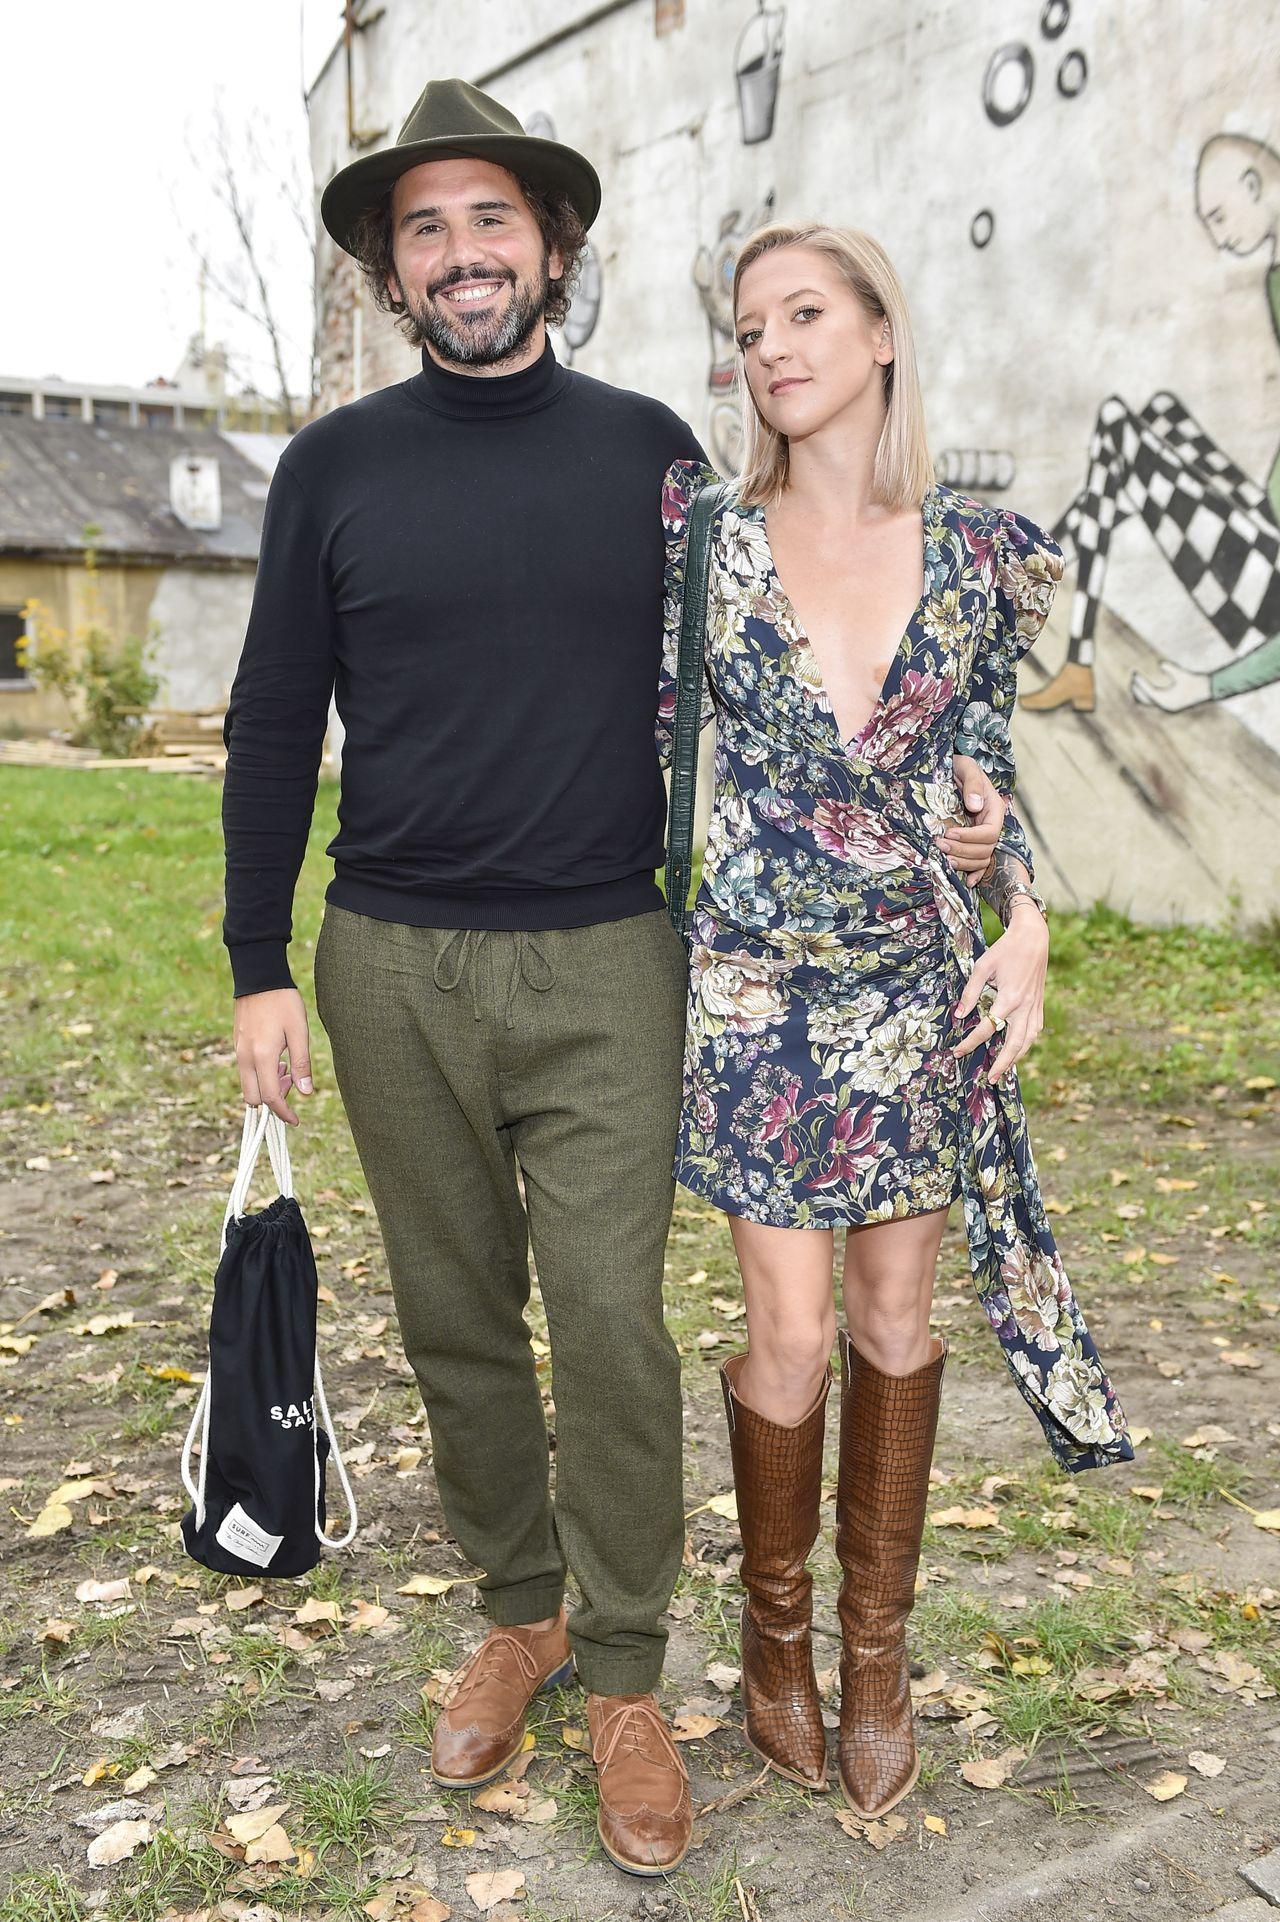 Lara Gessler w krótkiej mini i Piotr Szeląg razem na imprezie.